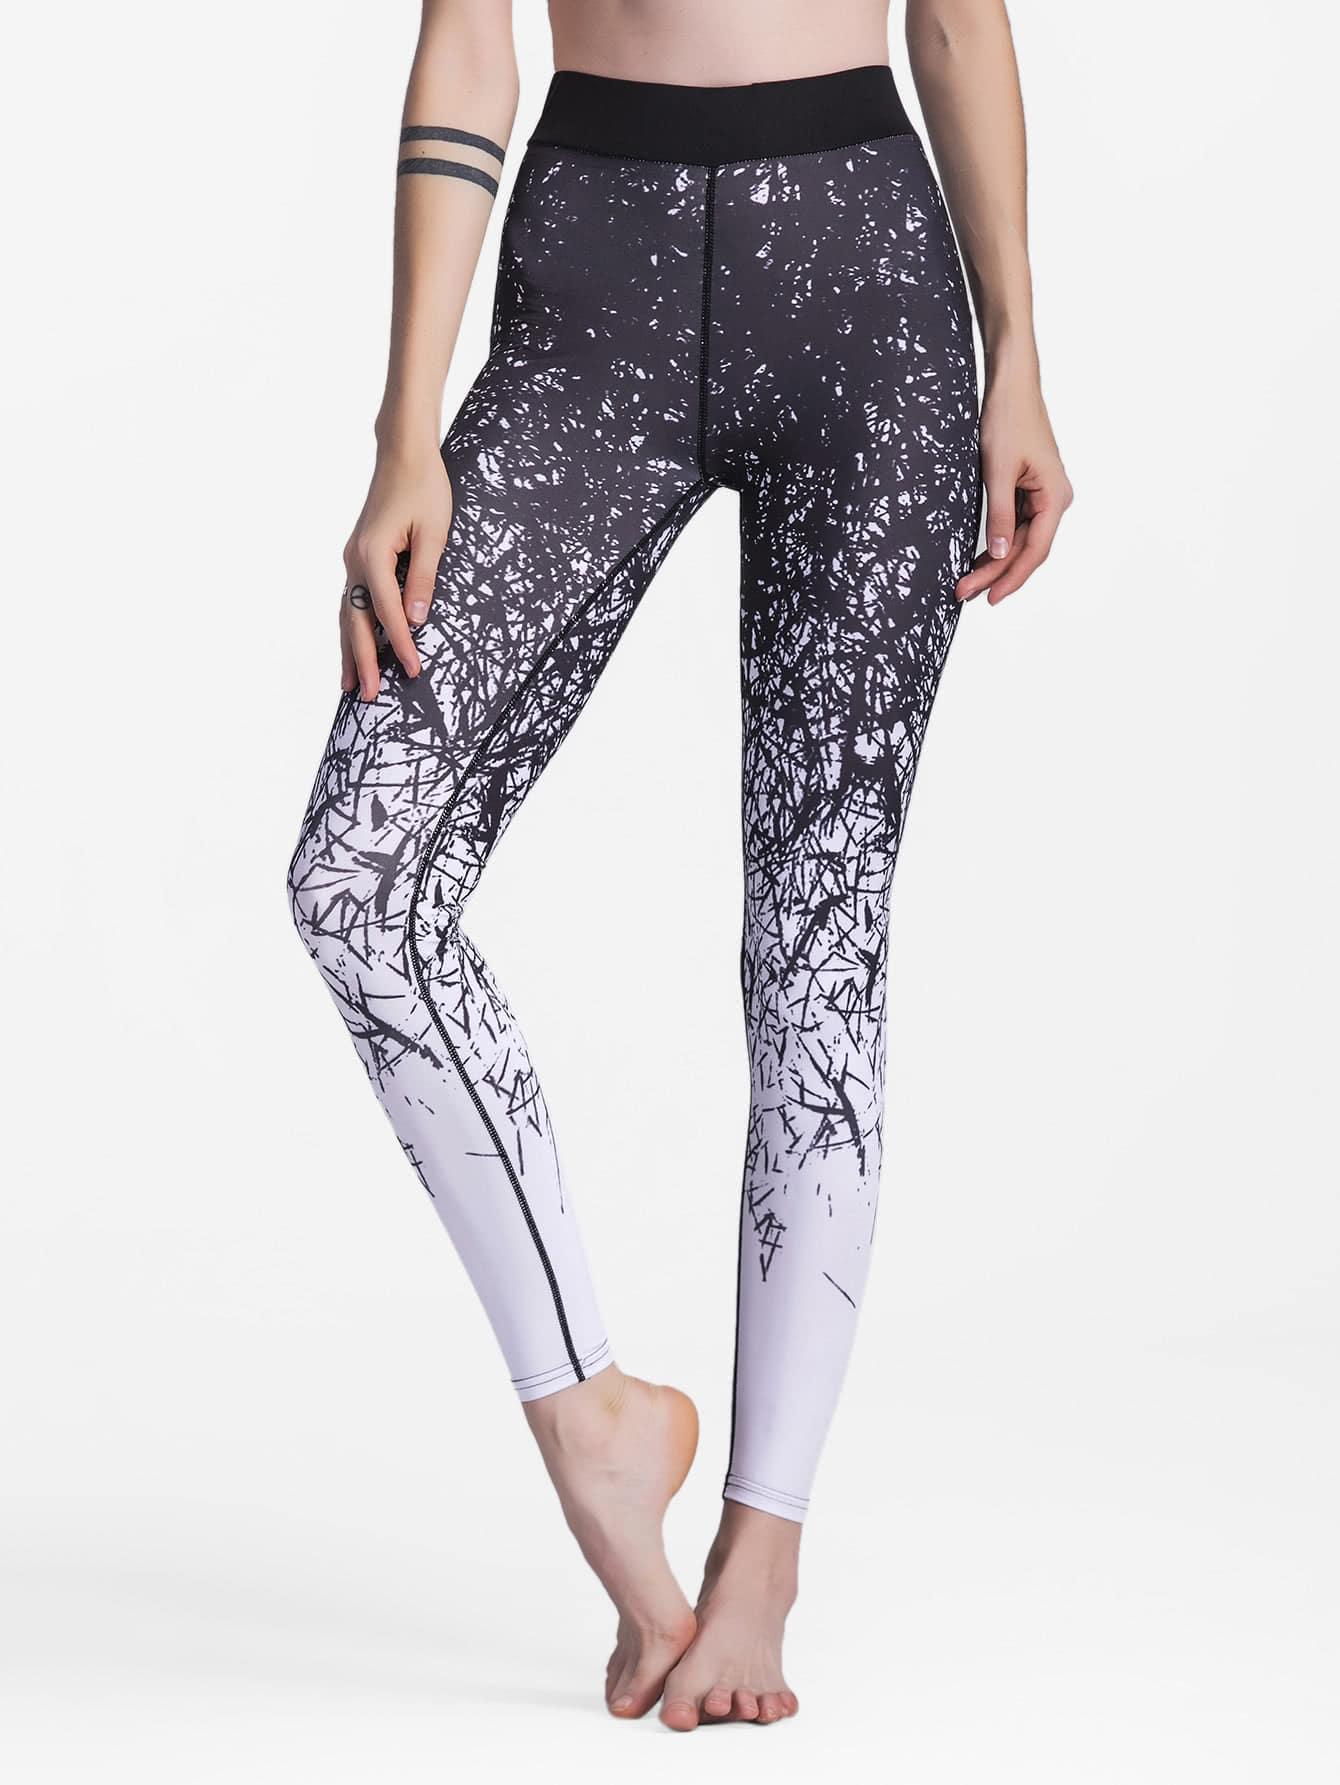 Splatter Print Leggings leggings171006351